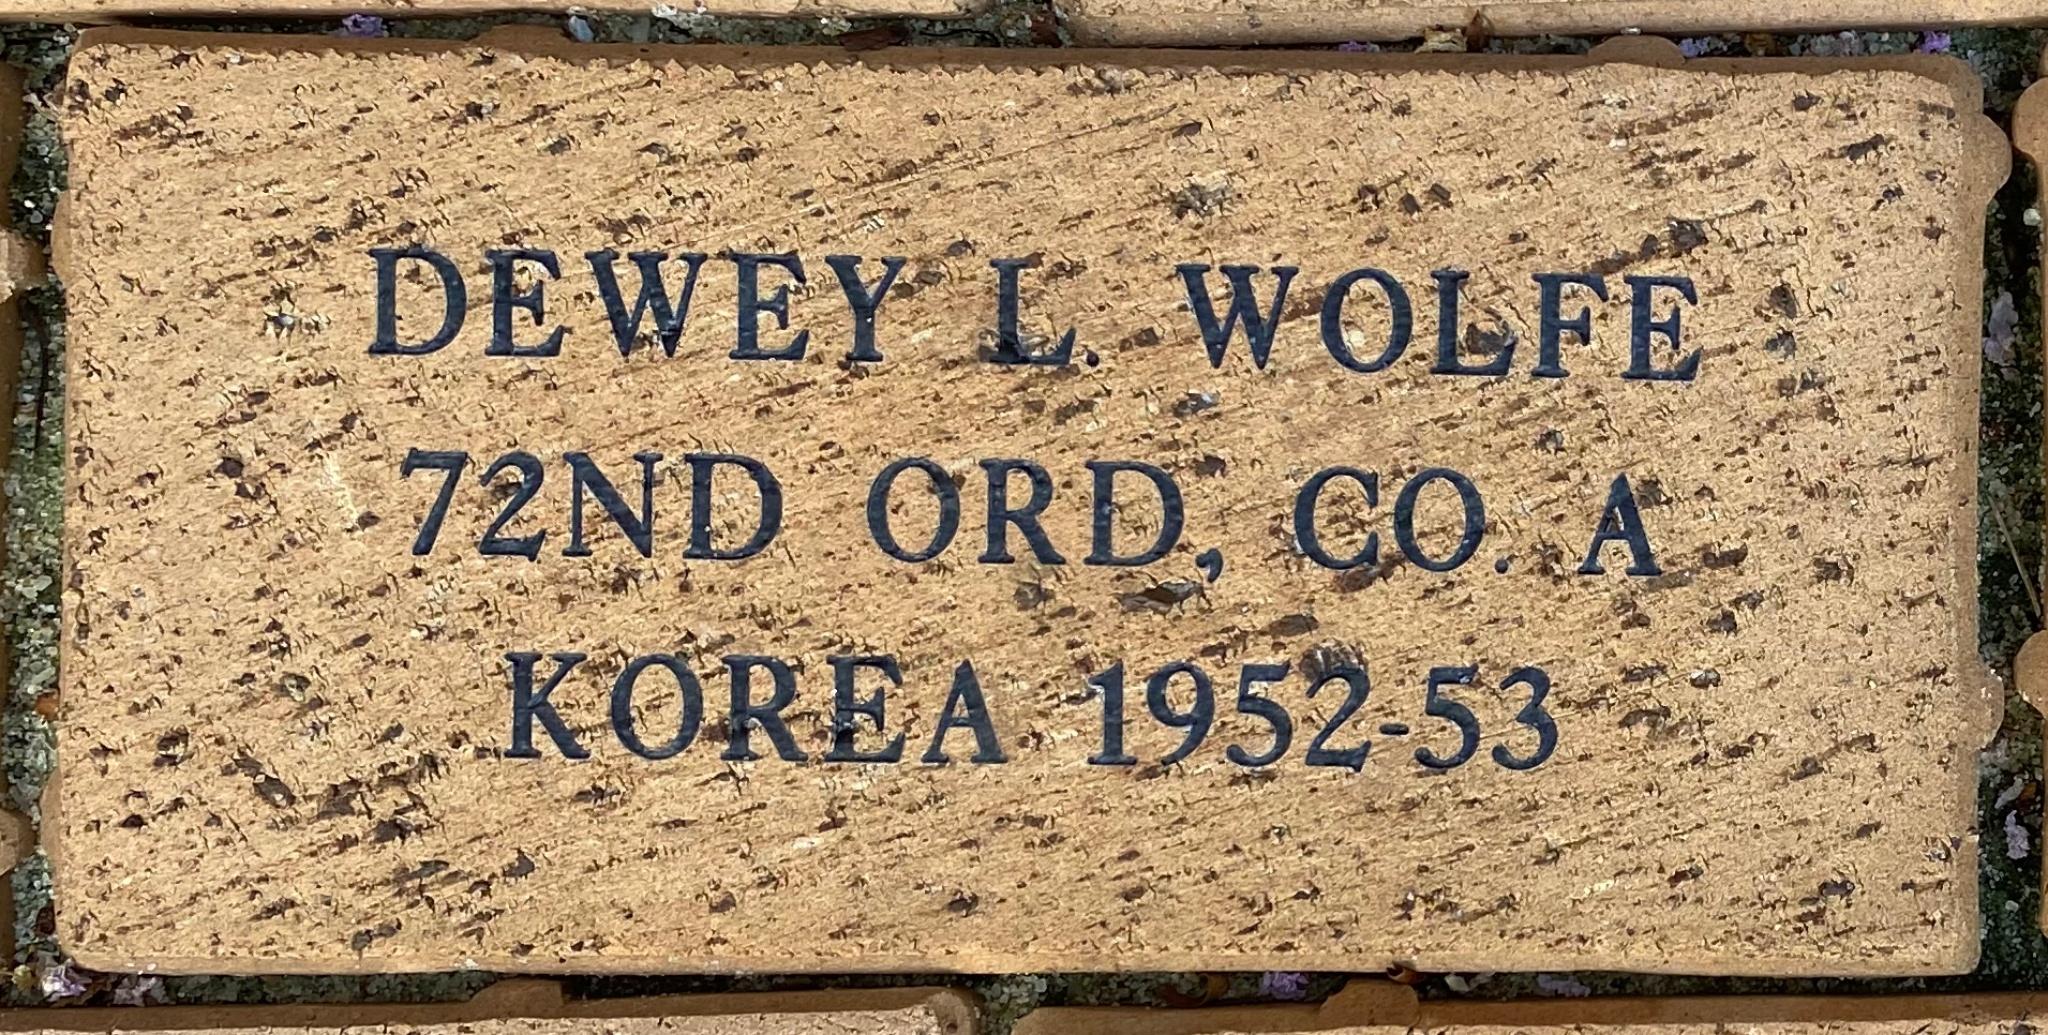 DEWEY L. WOLFE 72ND ORD. CO. A KOREA 1952-53